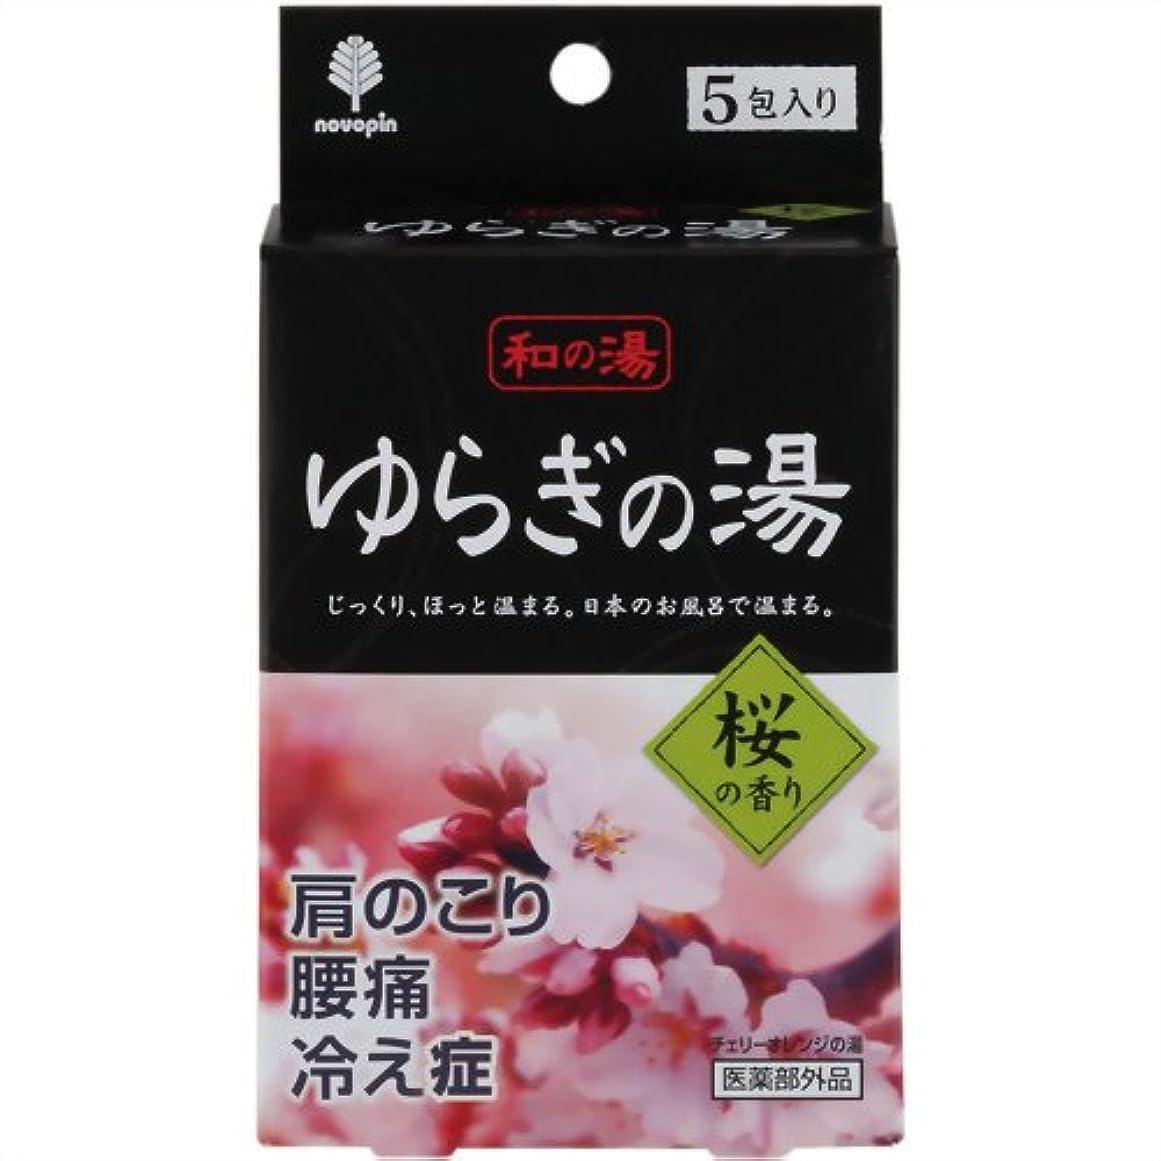 誘導化石権限を与える和の湯 ゆらぎの湯 桜の香り